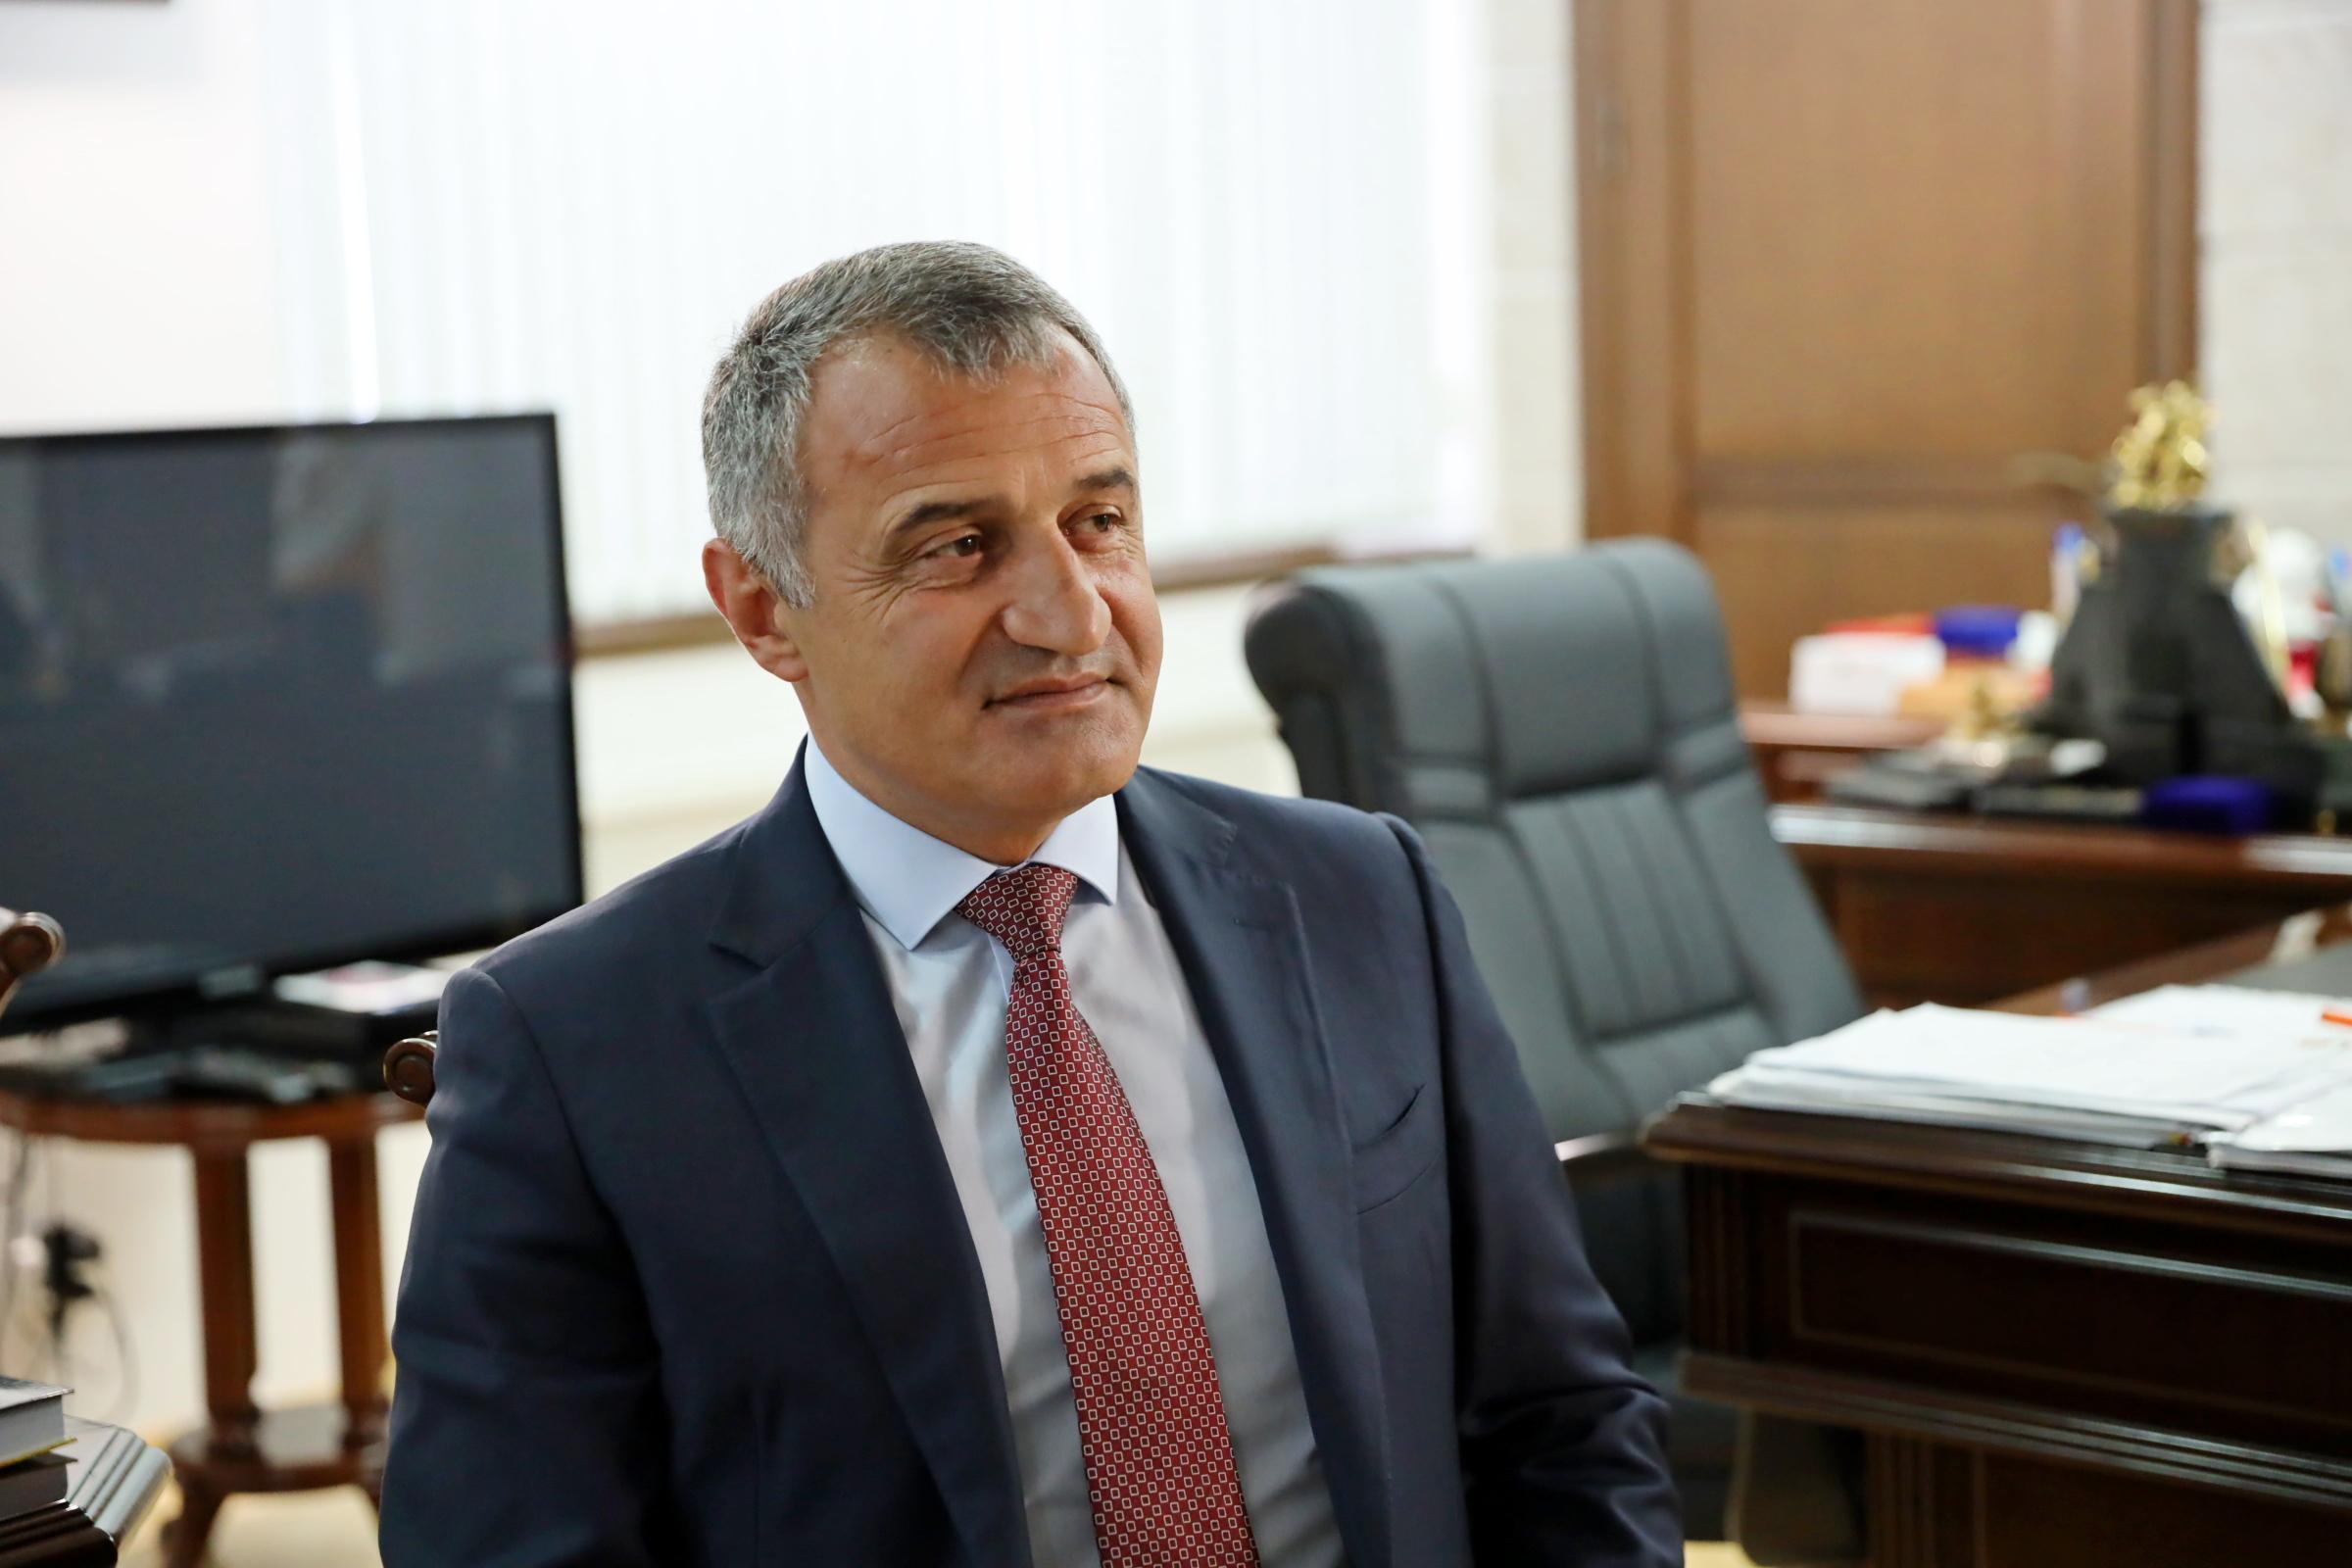 Мы планируем экспортировать продукцию в Беларусь – Анатолий Бибилов